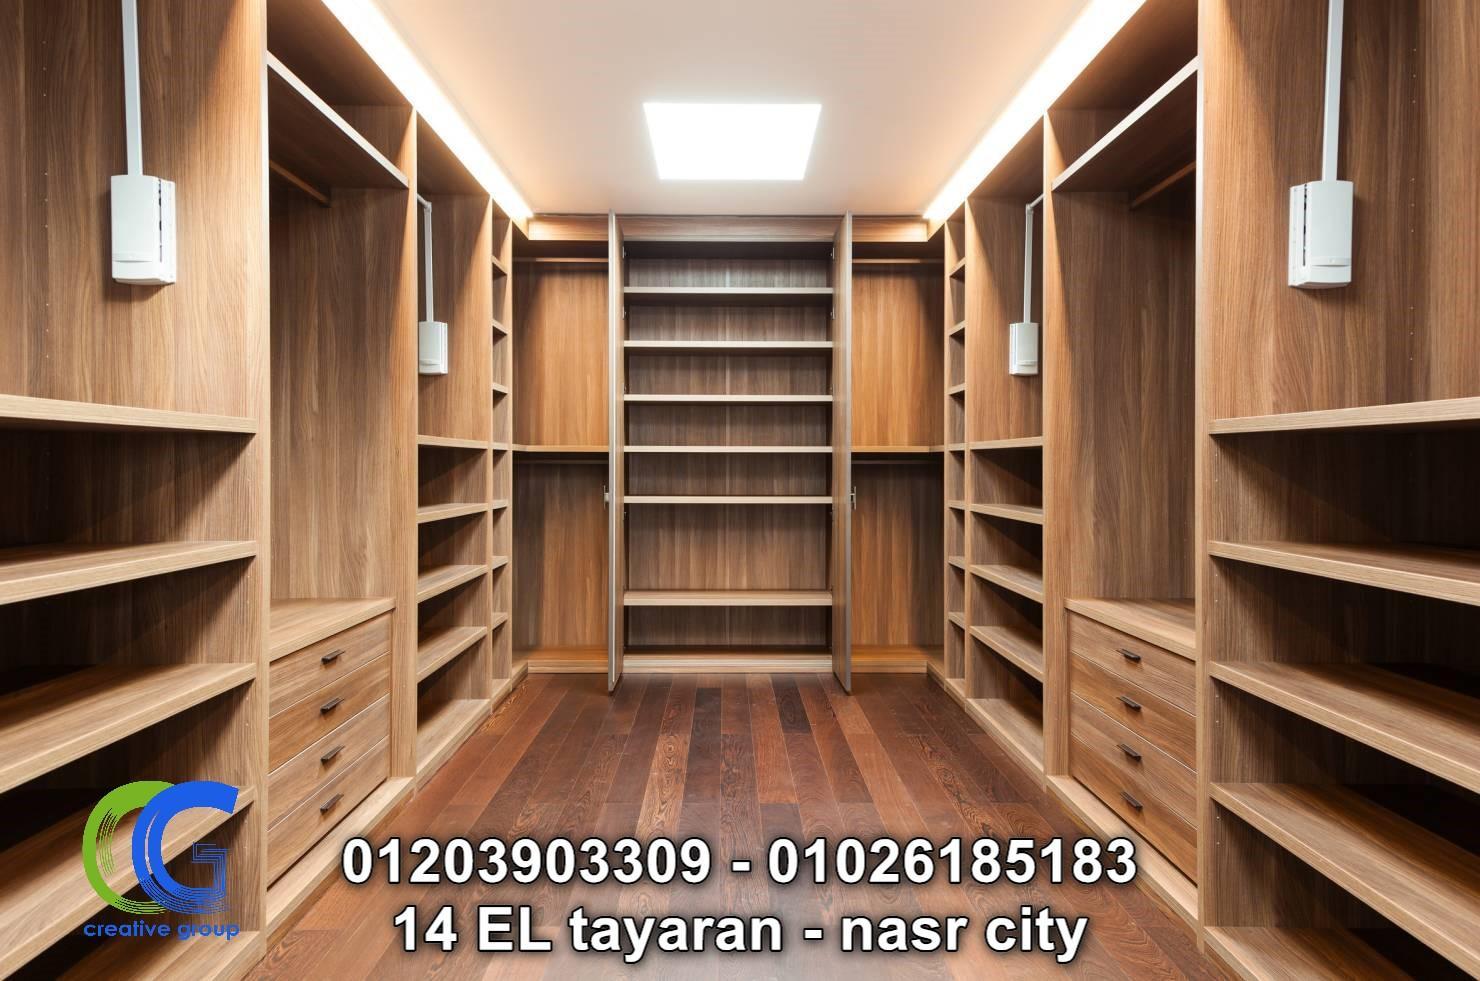 دريسنج روم خشب – كرياتف جروب 01026185183                    109328357